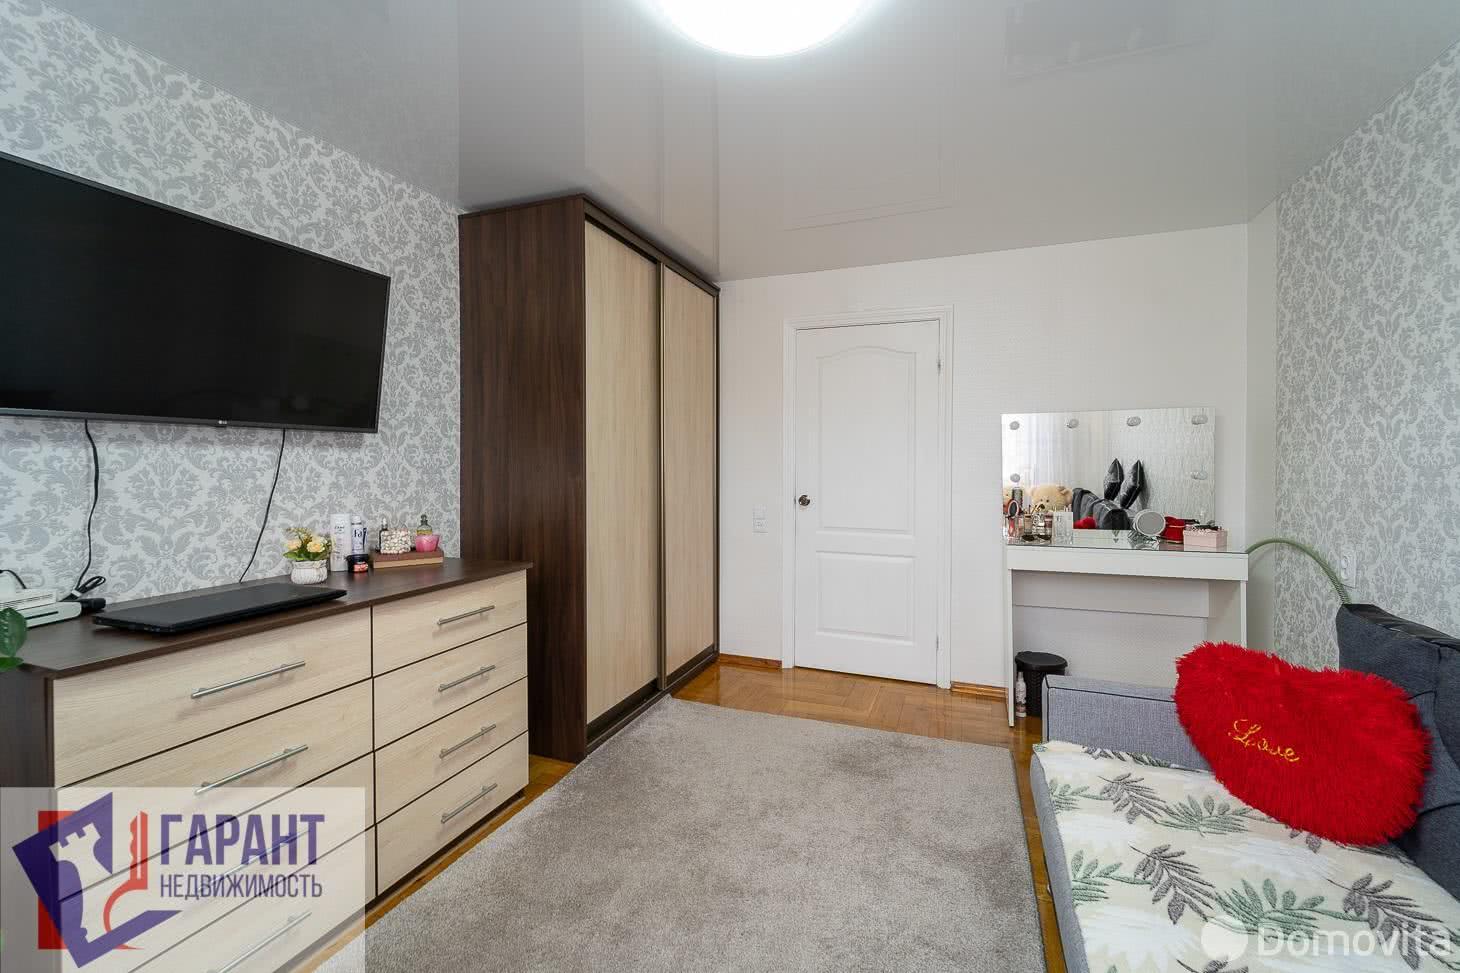 Купить комнату в Минске, ул. Одинцова, д. 29 - фото 4